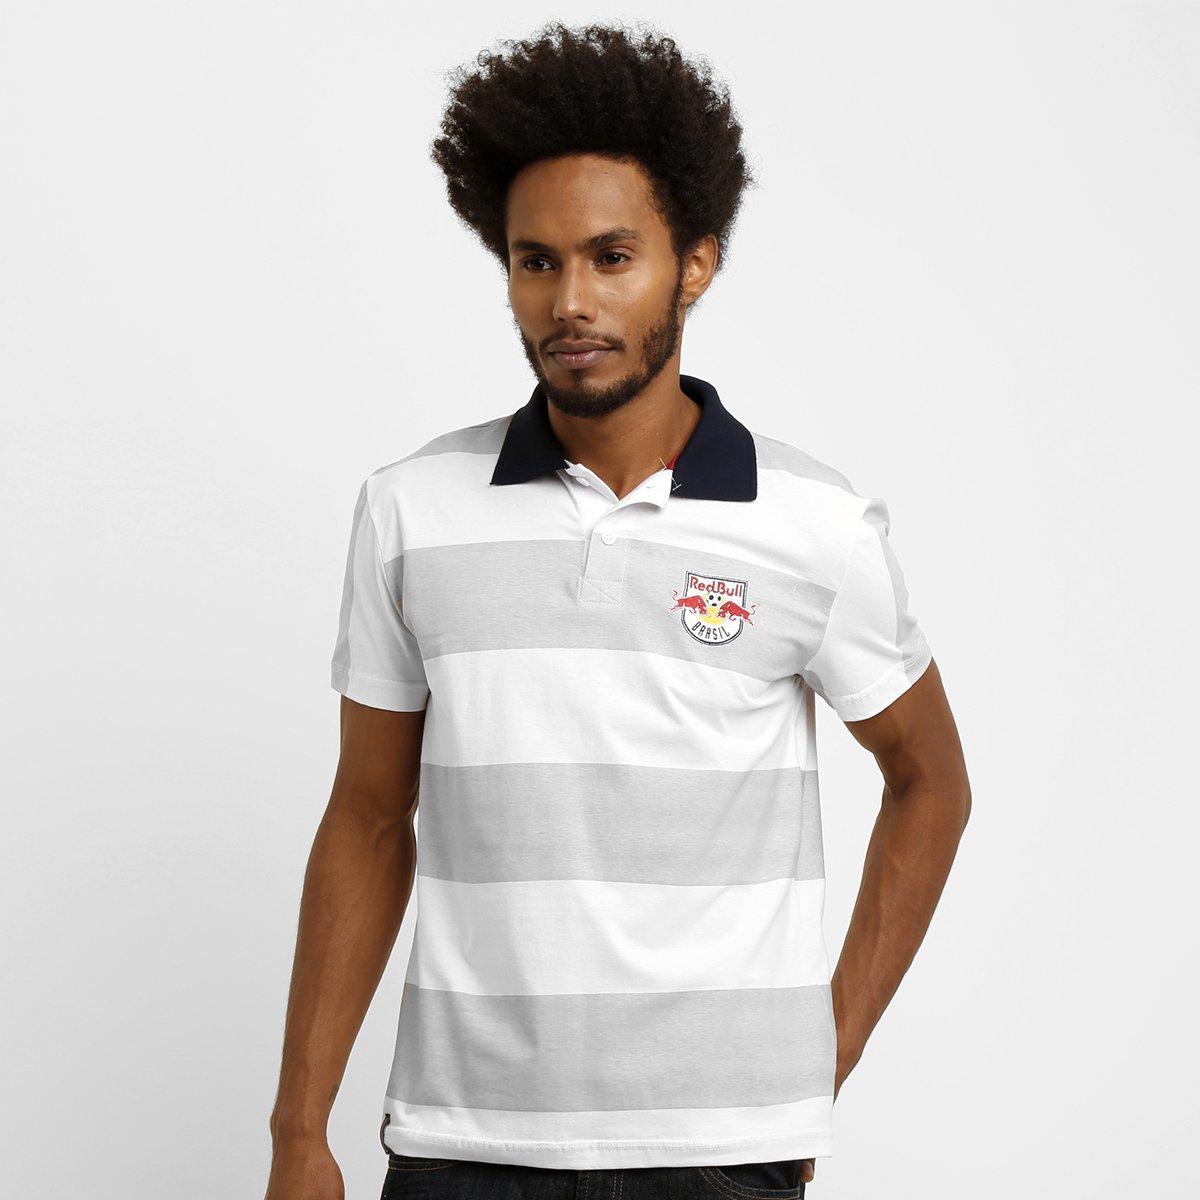 1c8fd0e8b9147 Camisa Polo Red Bull Listras - Compre Agora